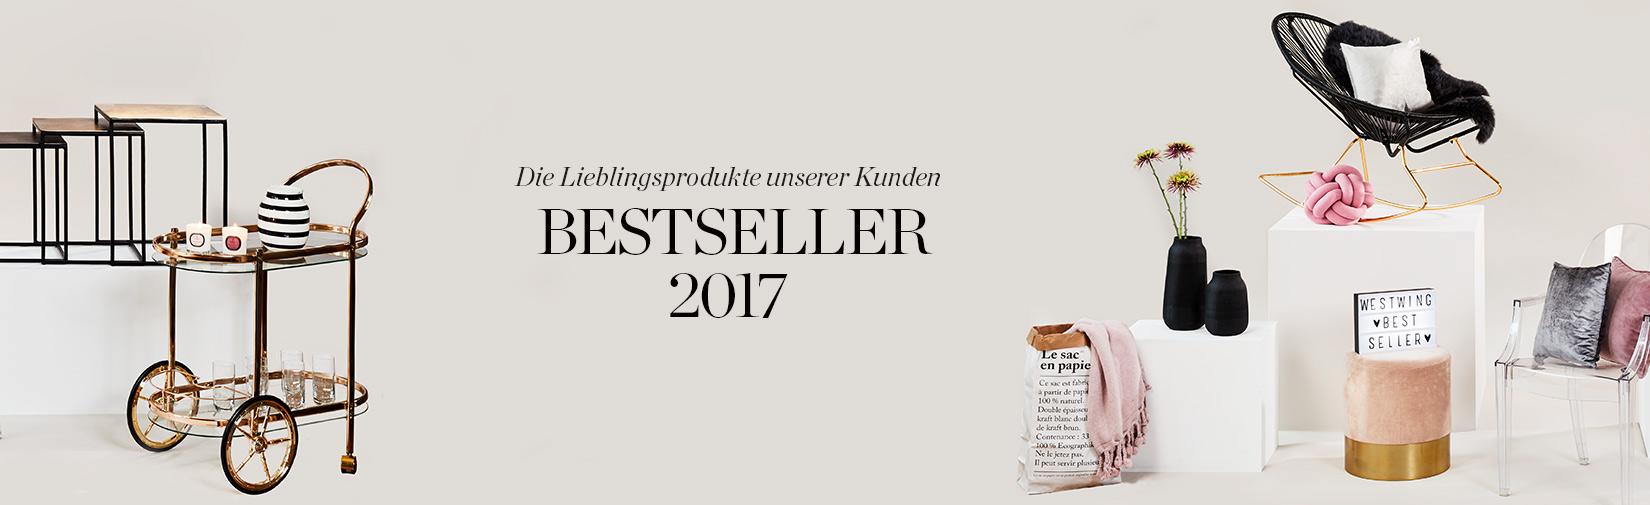 LP_Bestseller_Desktop